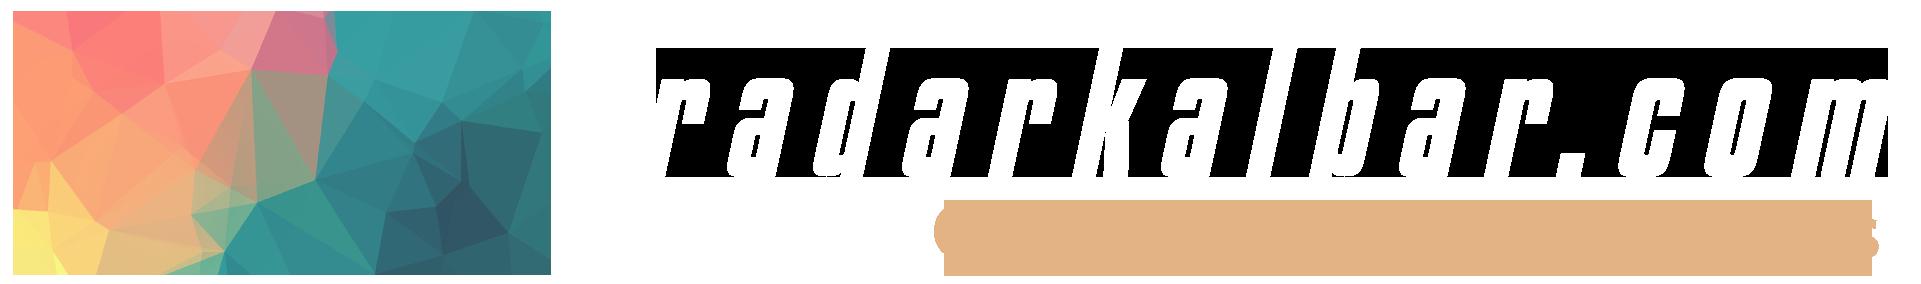 Radar Kalbar